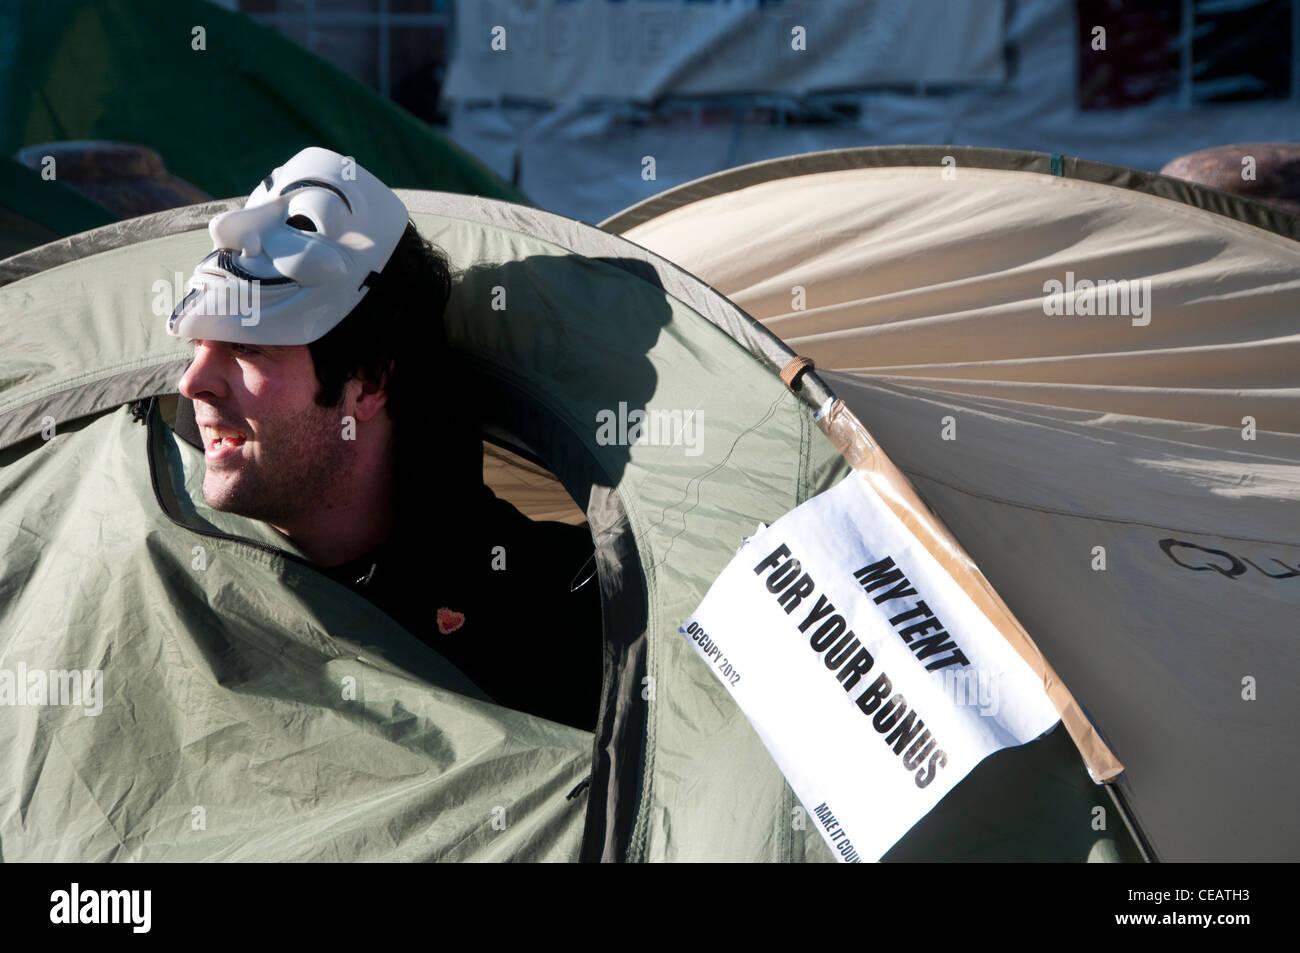 Tentes en face de la cathédrale St Paul - l'un a un avis disant ma tente pour votre bonus et manifestant Photo Stock